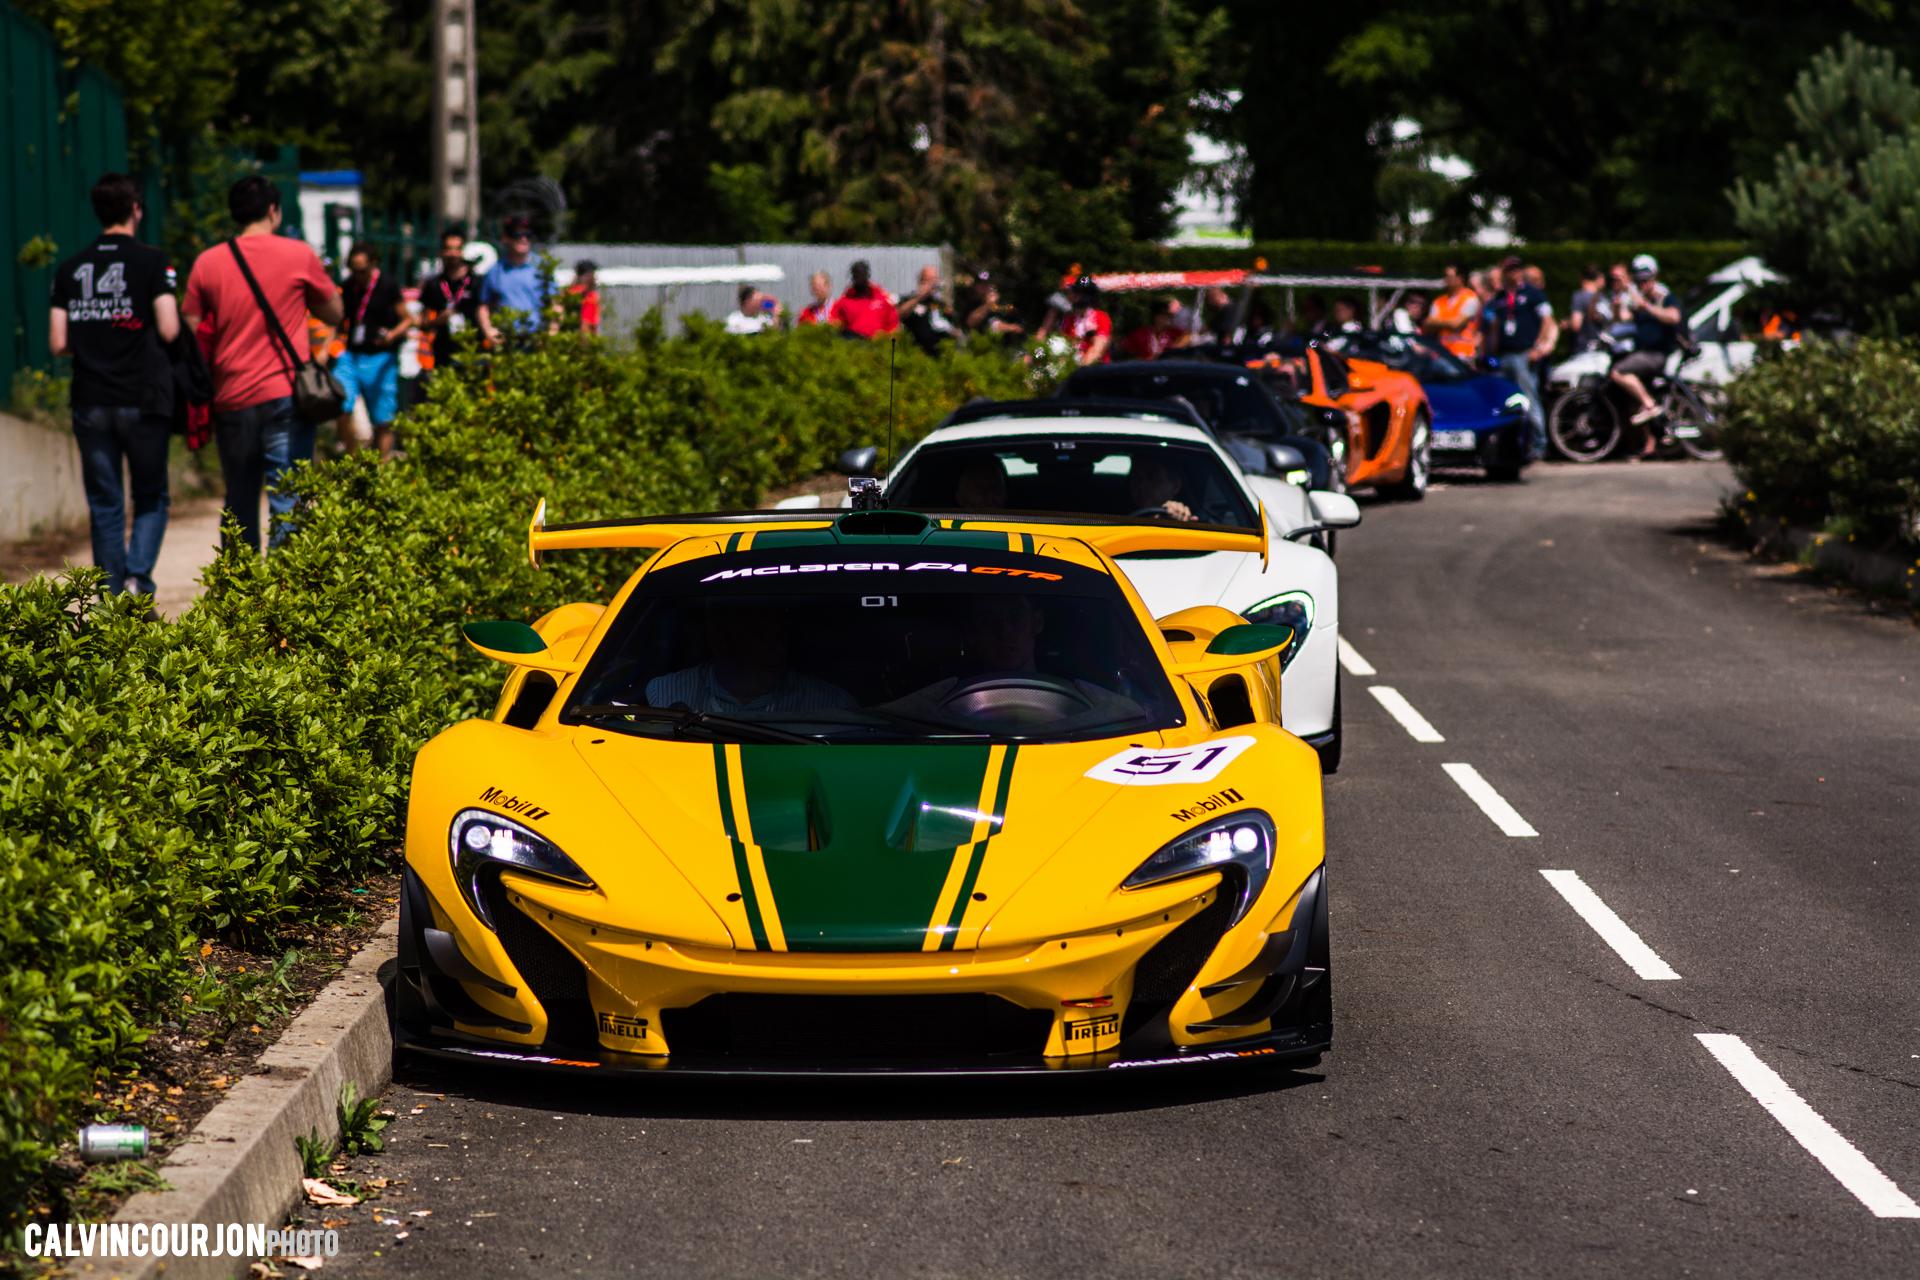 McLaren P1 GTR - Harrods livery - McLaren95 parade at Le Mans - 2015 - photo Calvin Courjon